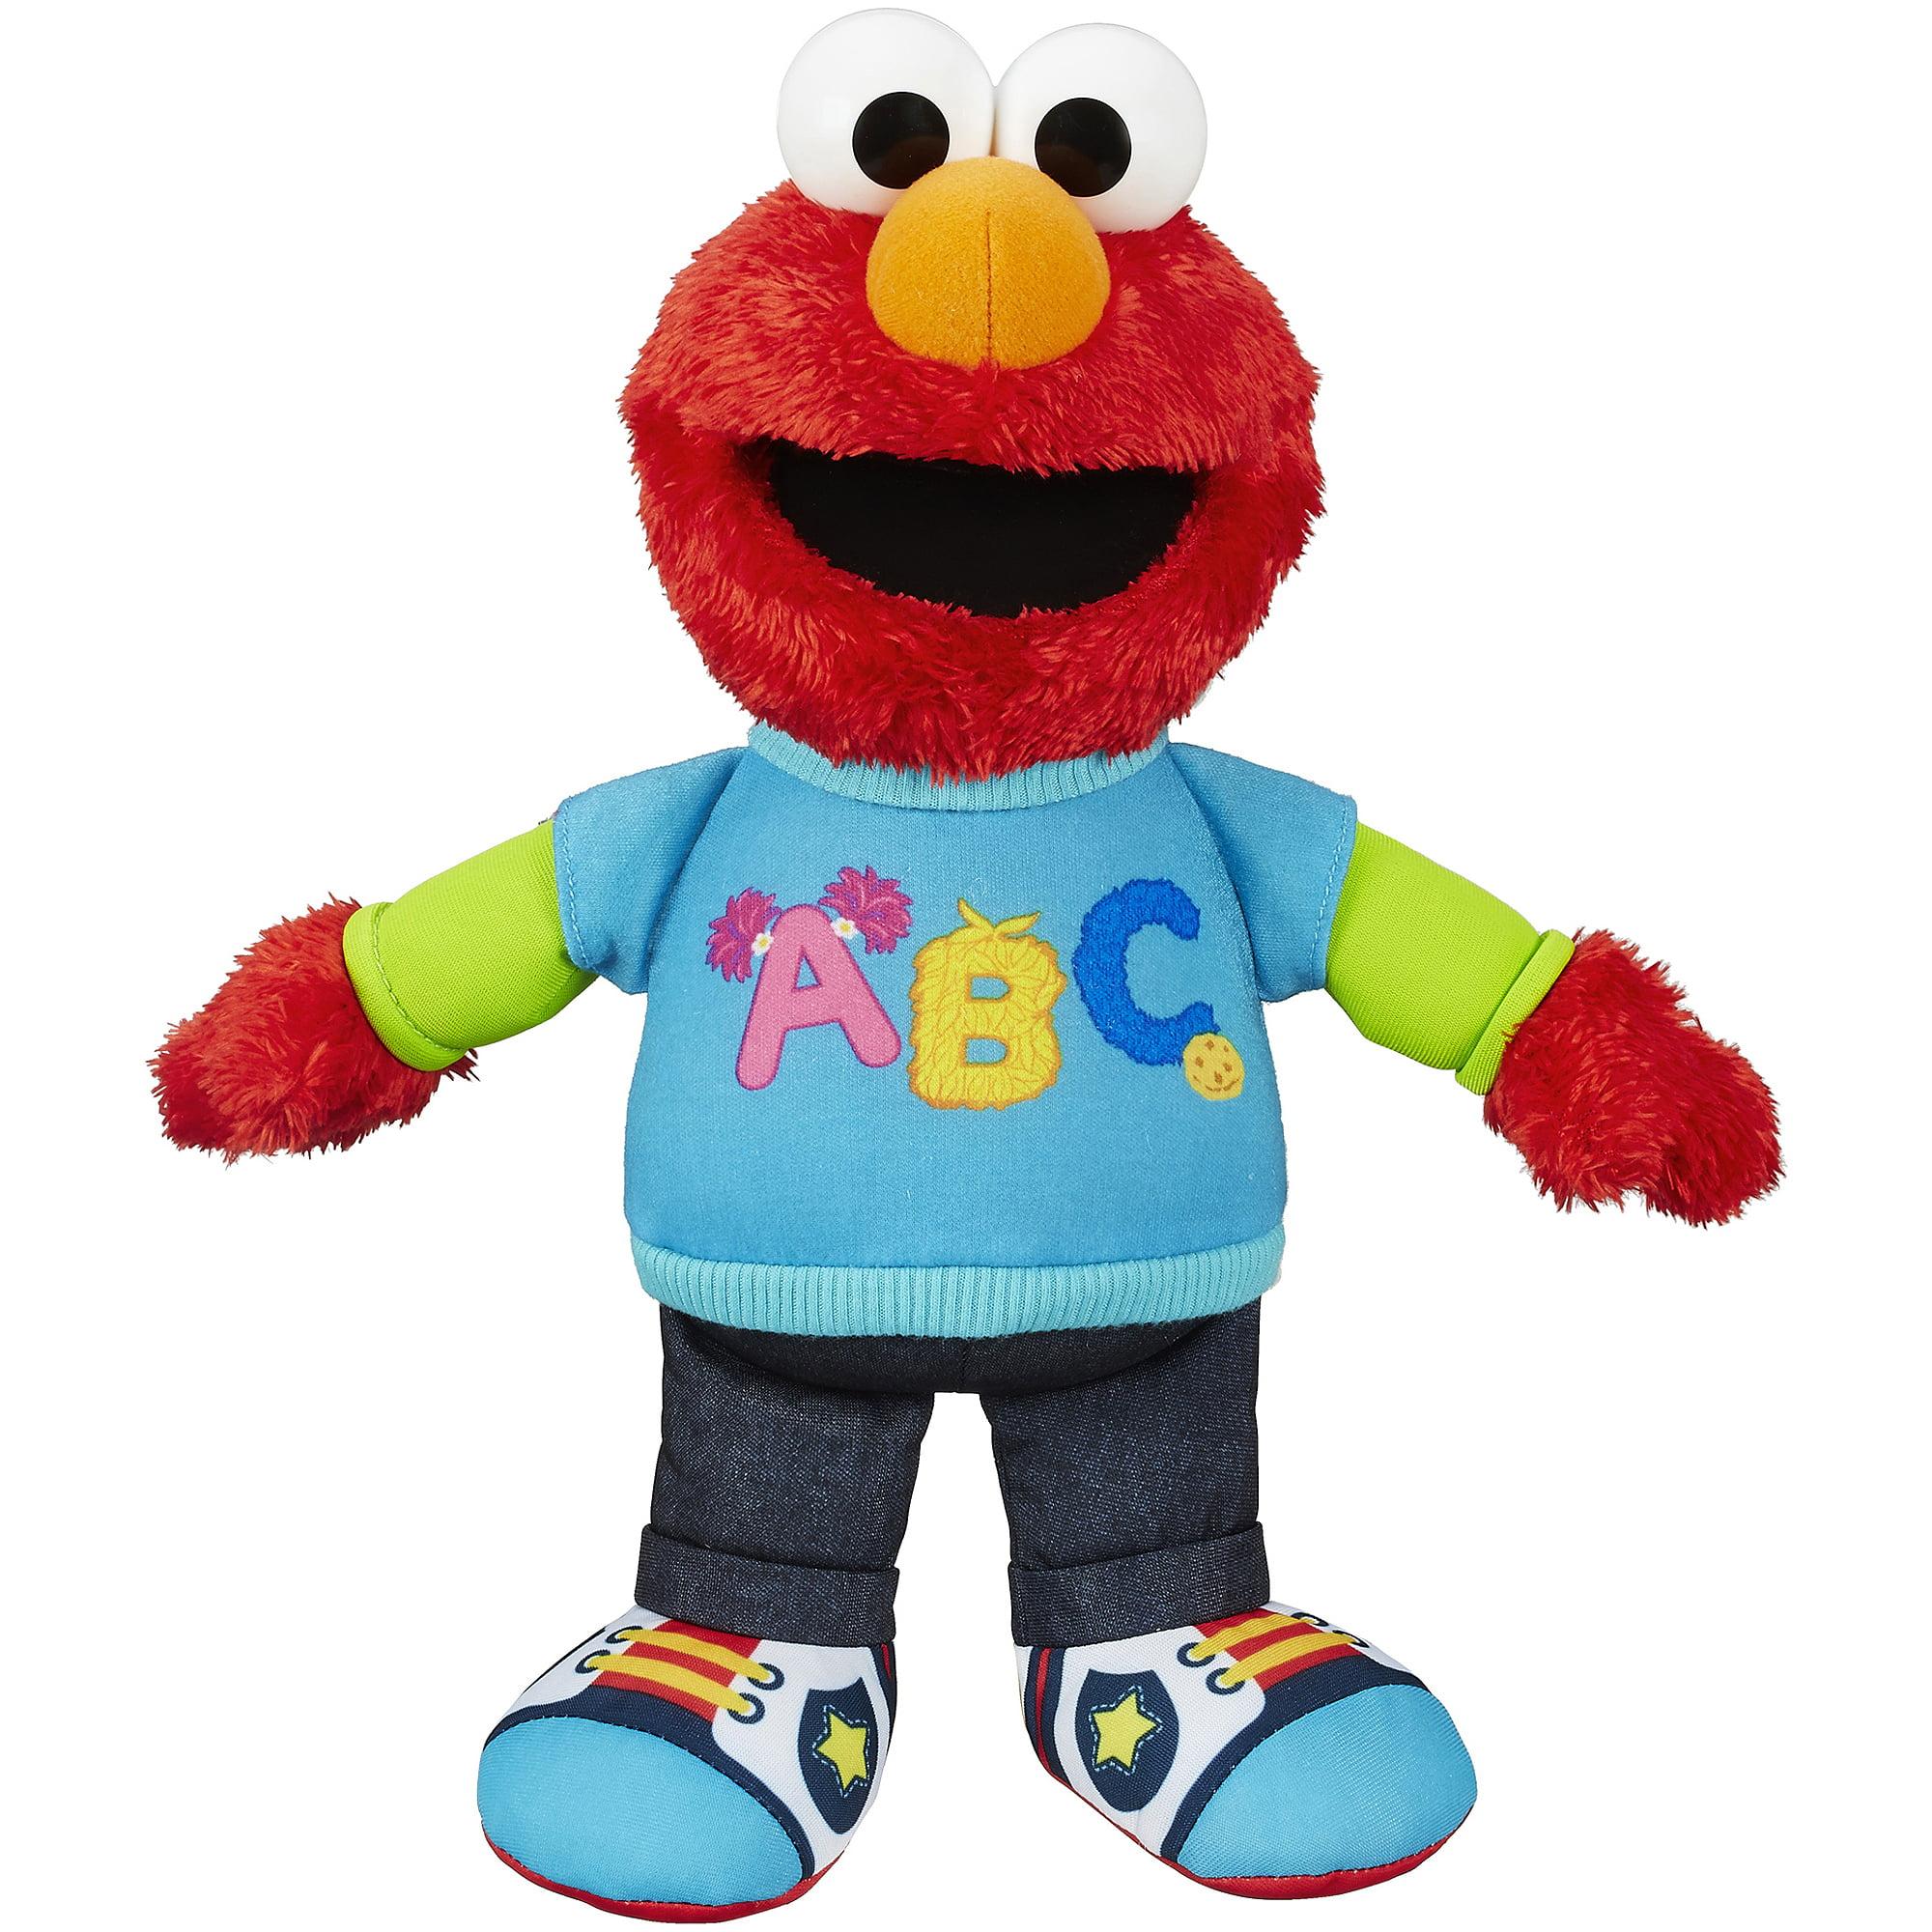 Playskool Sesame Street Talking ABC Elmo Figure